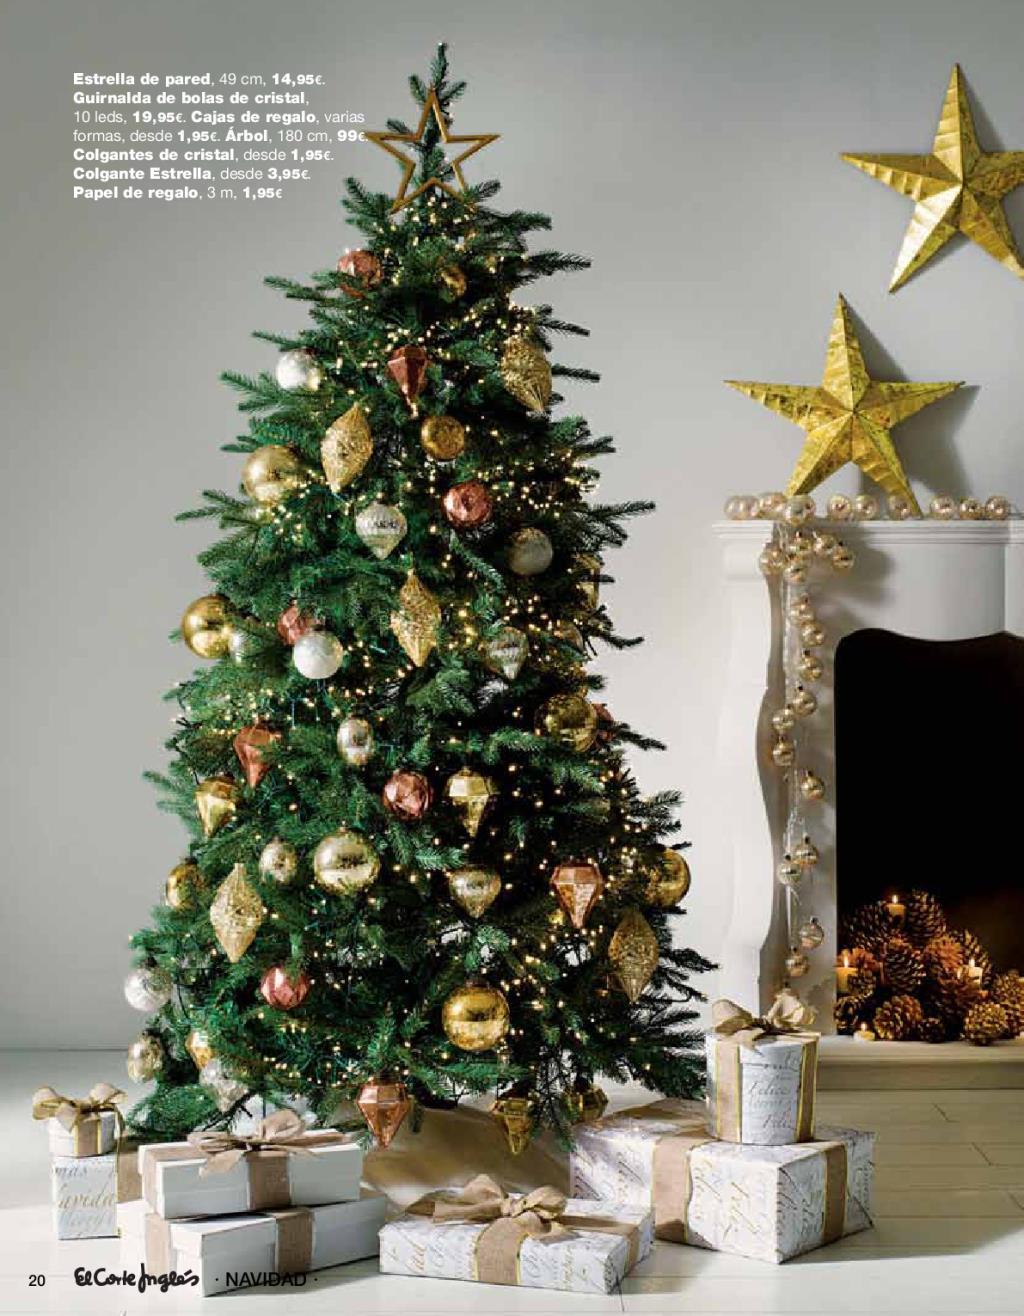 Navidad el corte ingles20 for El corte ingles decoracion navidad